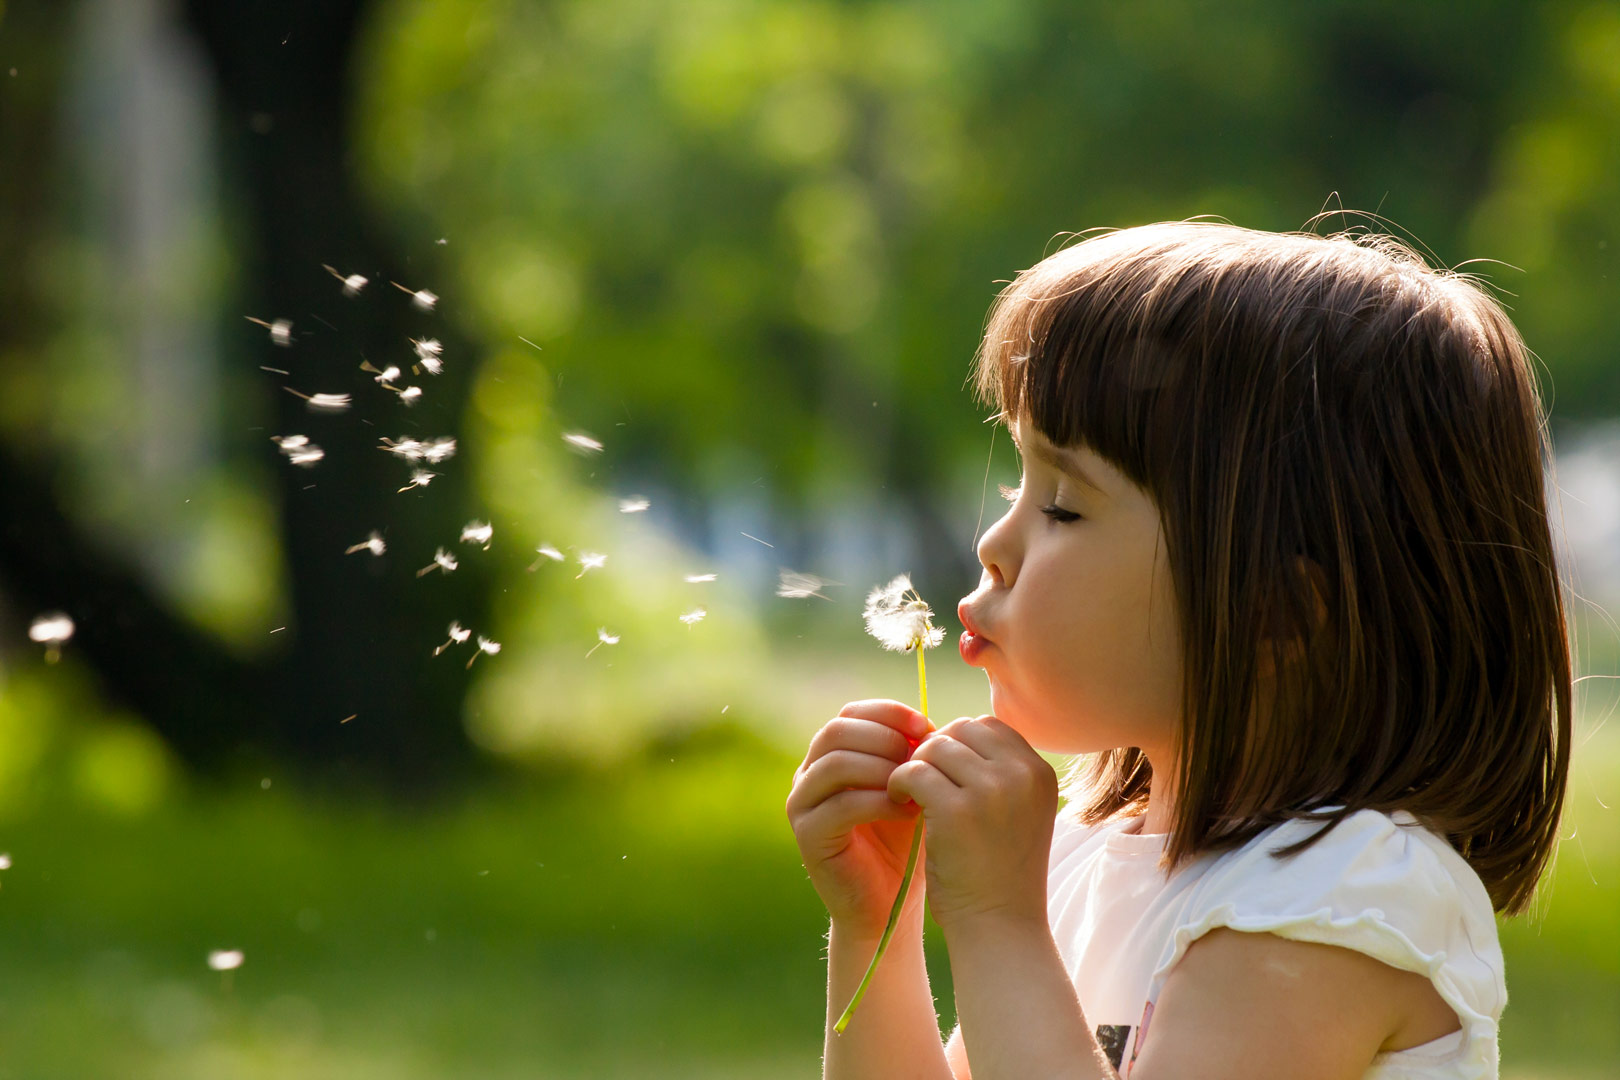 Enfant souffle fleur Association St Vincent de Paul